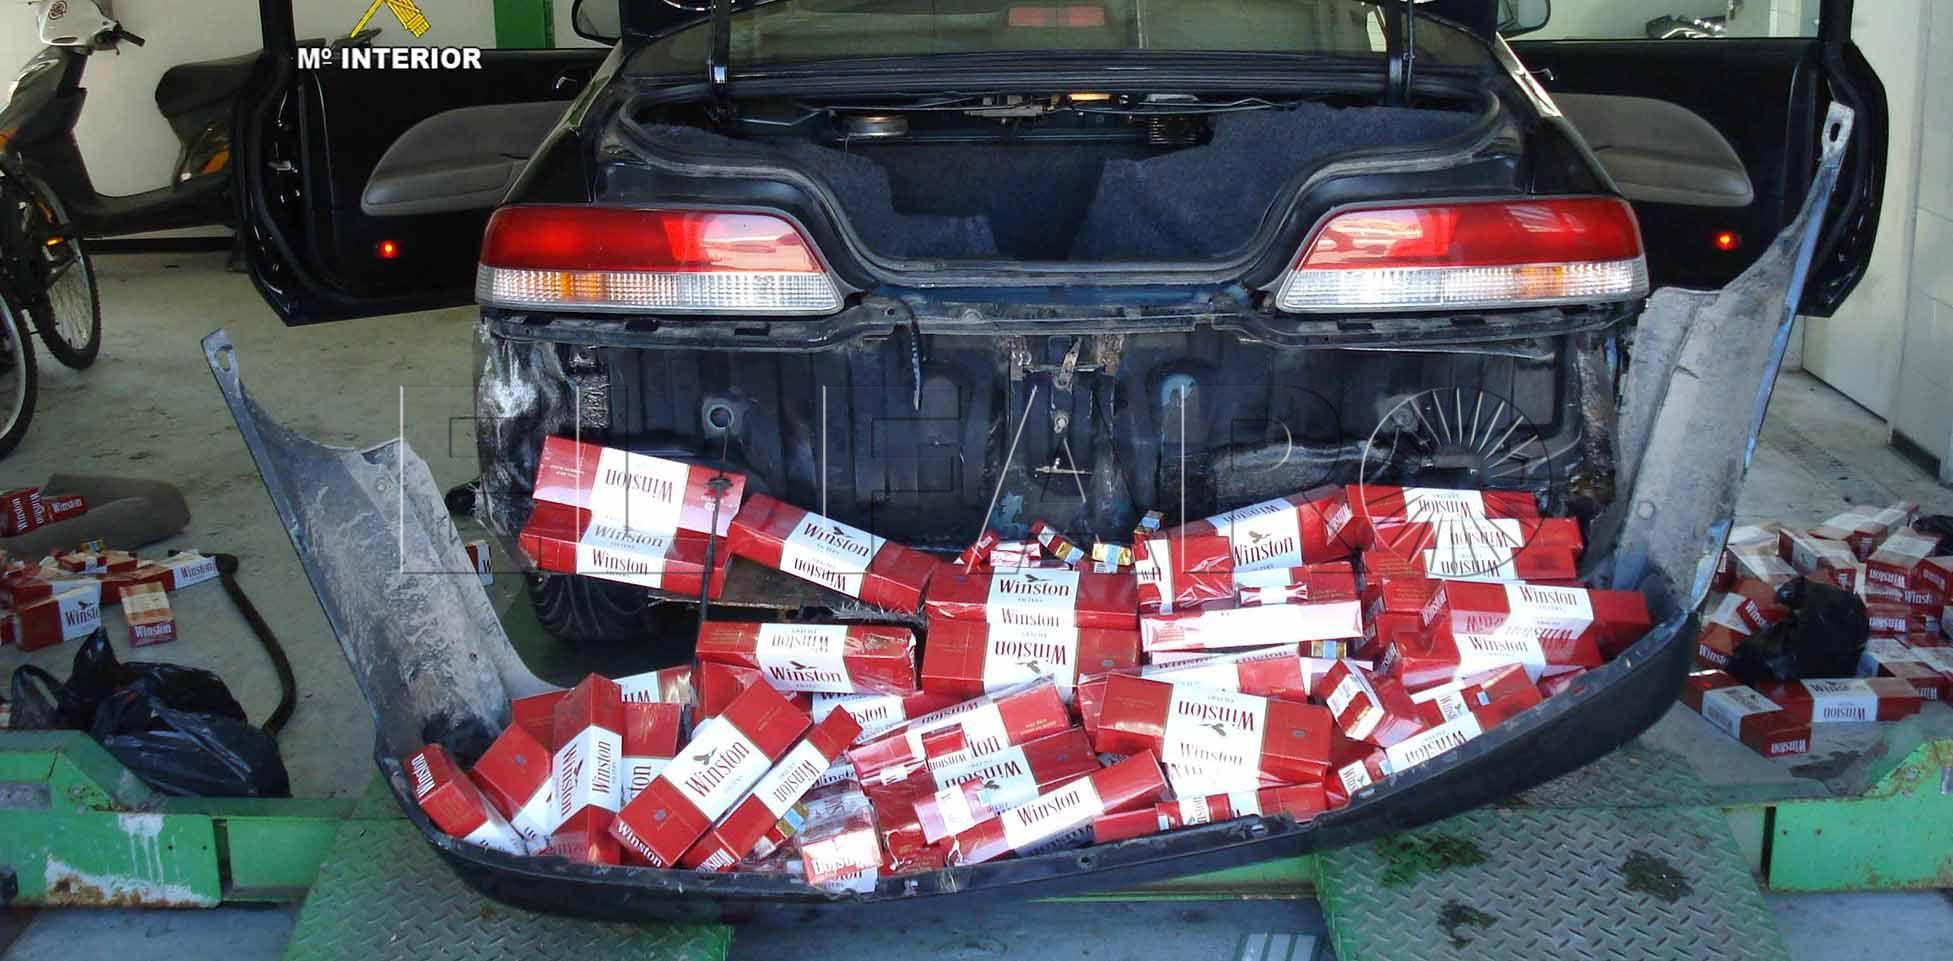 Hacienda 'ahoga' el negocio del contrabando de tabaco